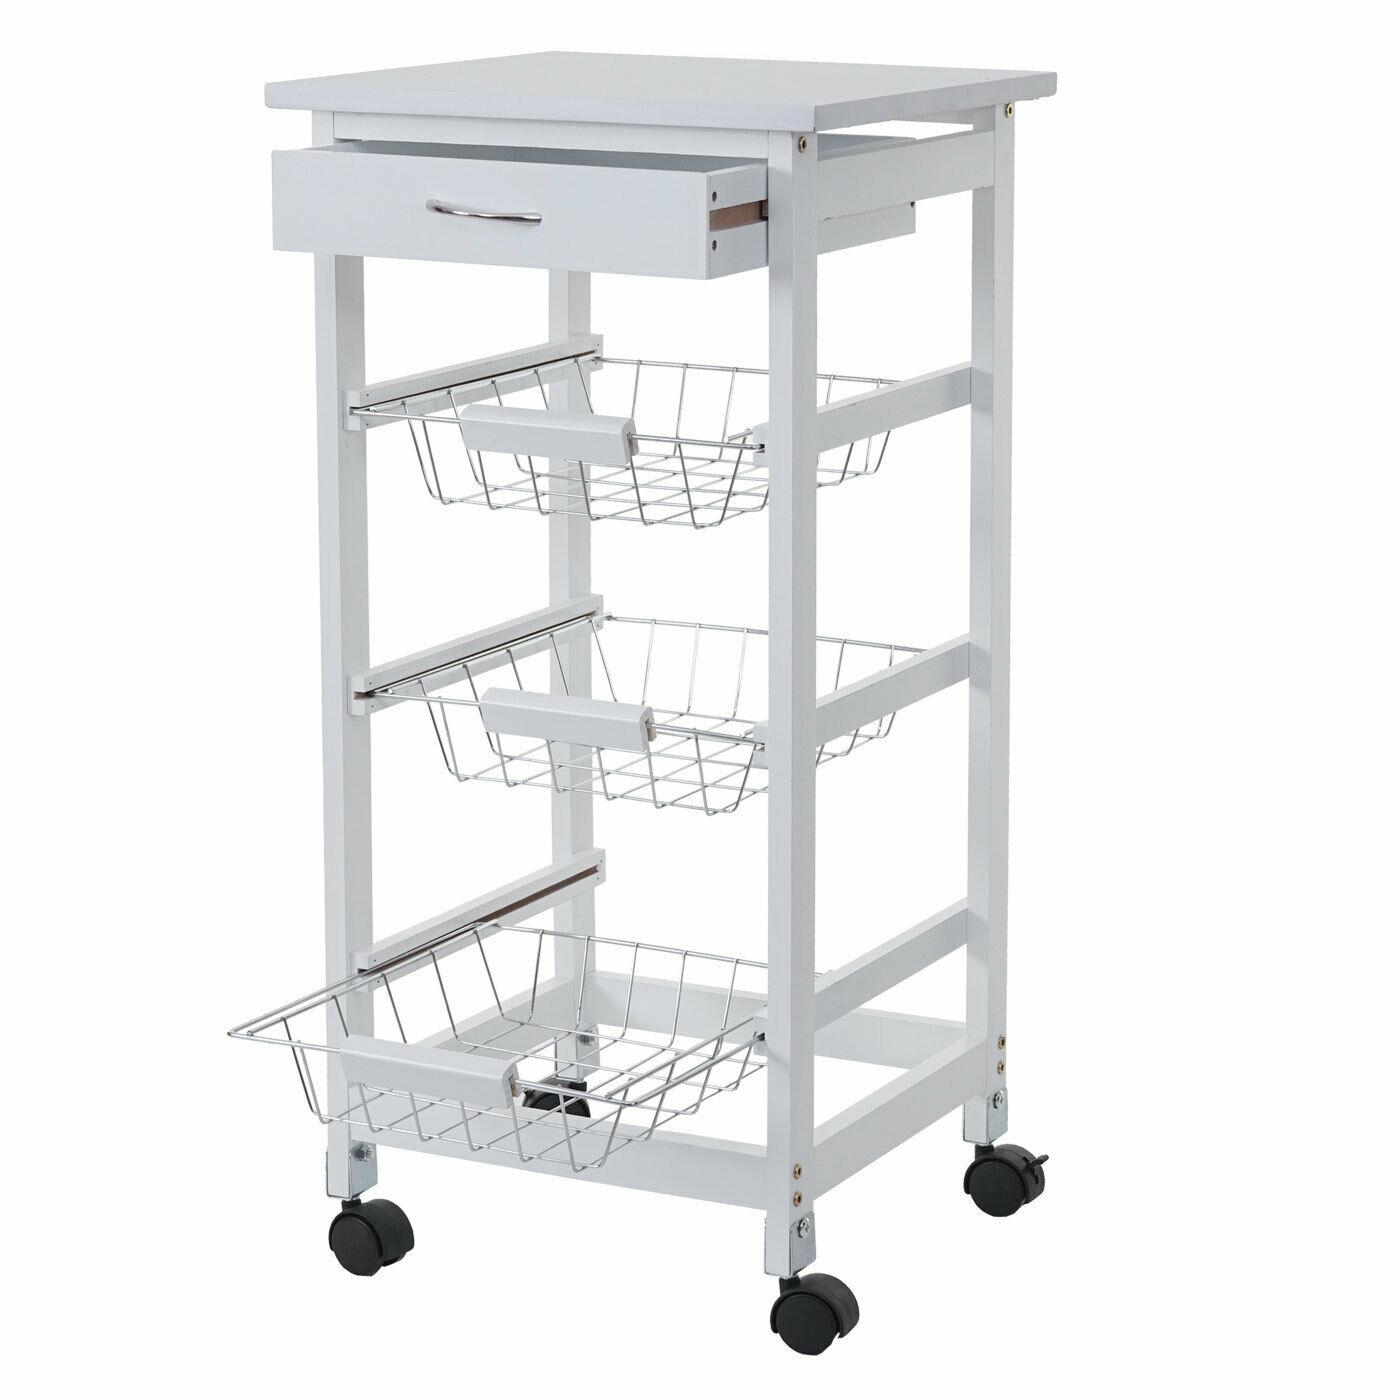 Trolley mcw-b69, Bar Cart, Kitchen Trolley Drawer 76x37x37cm White